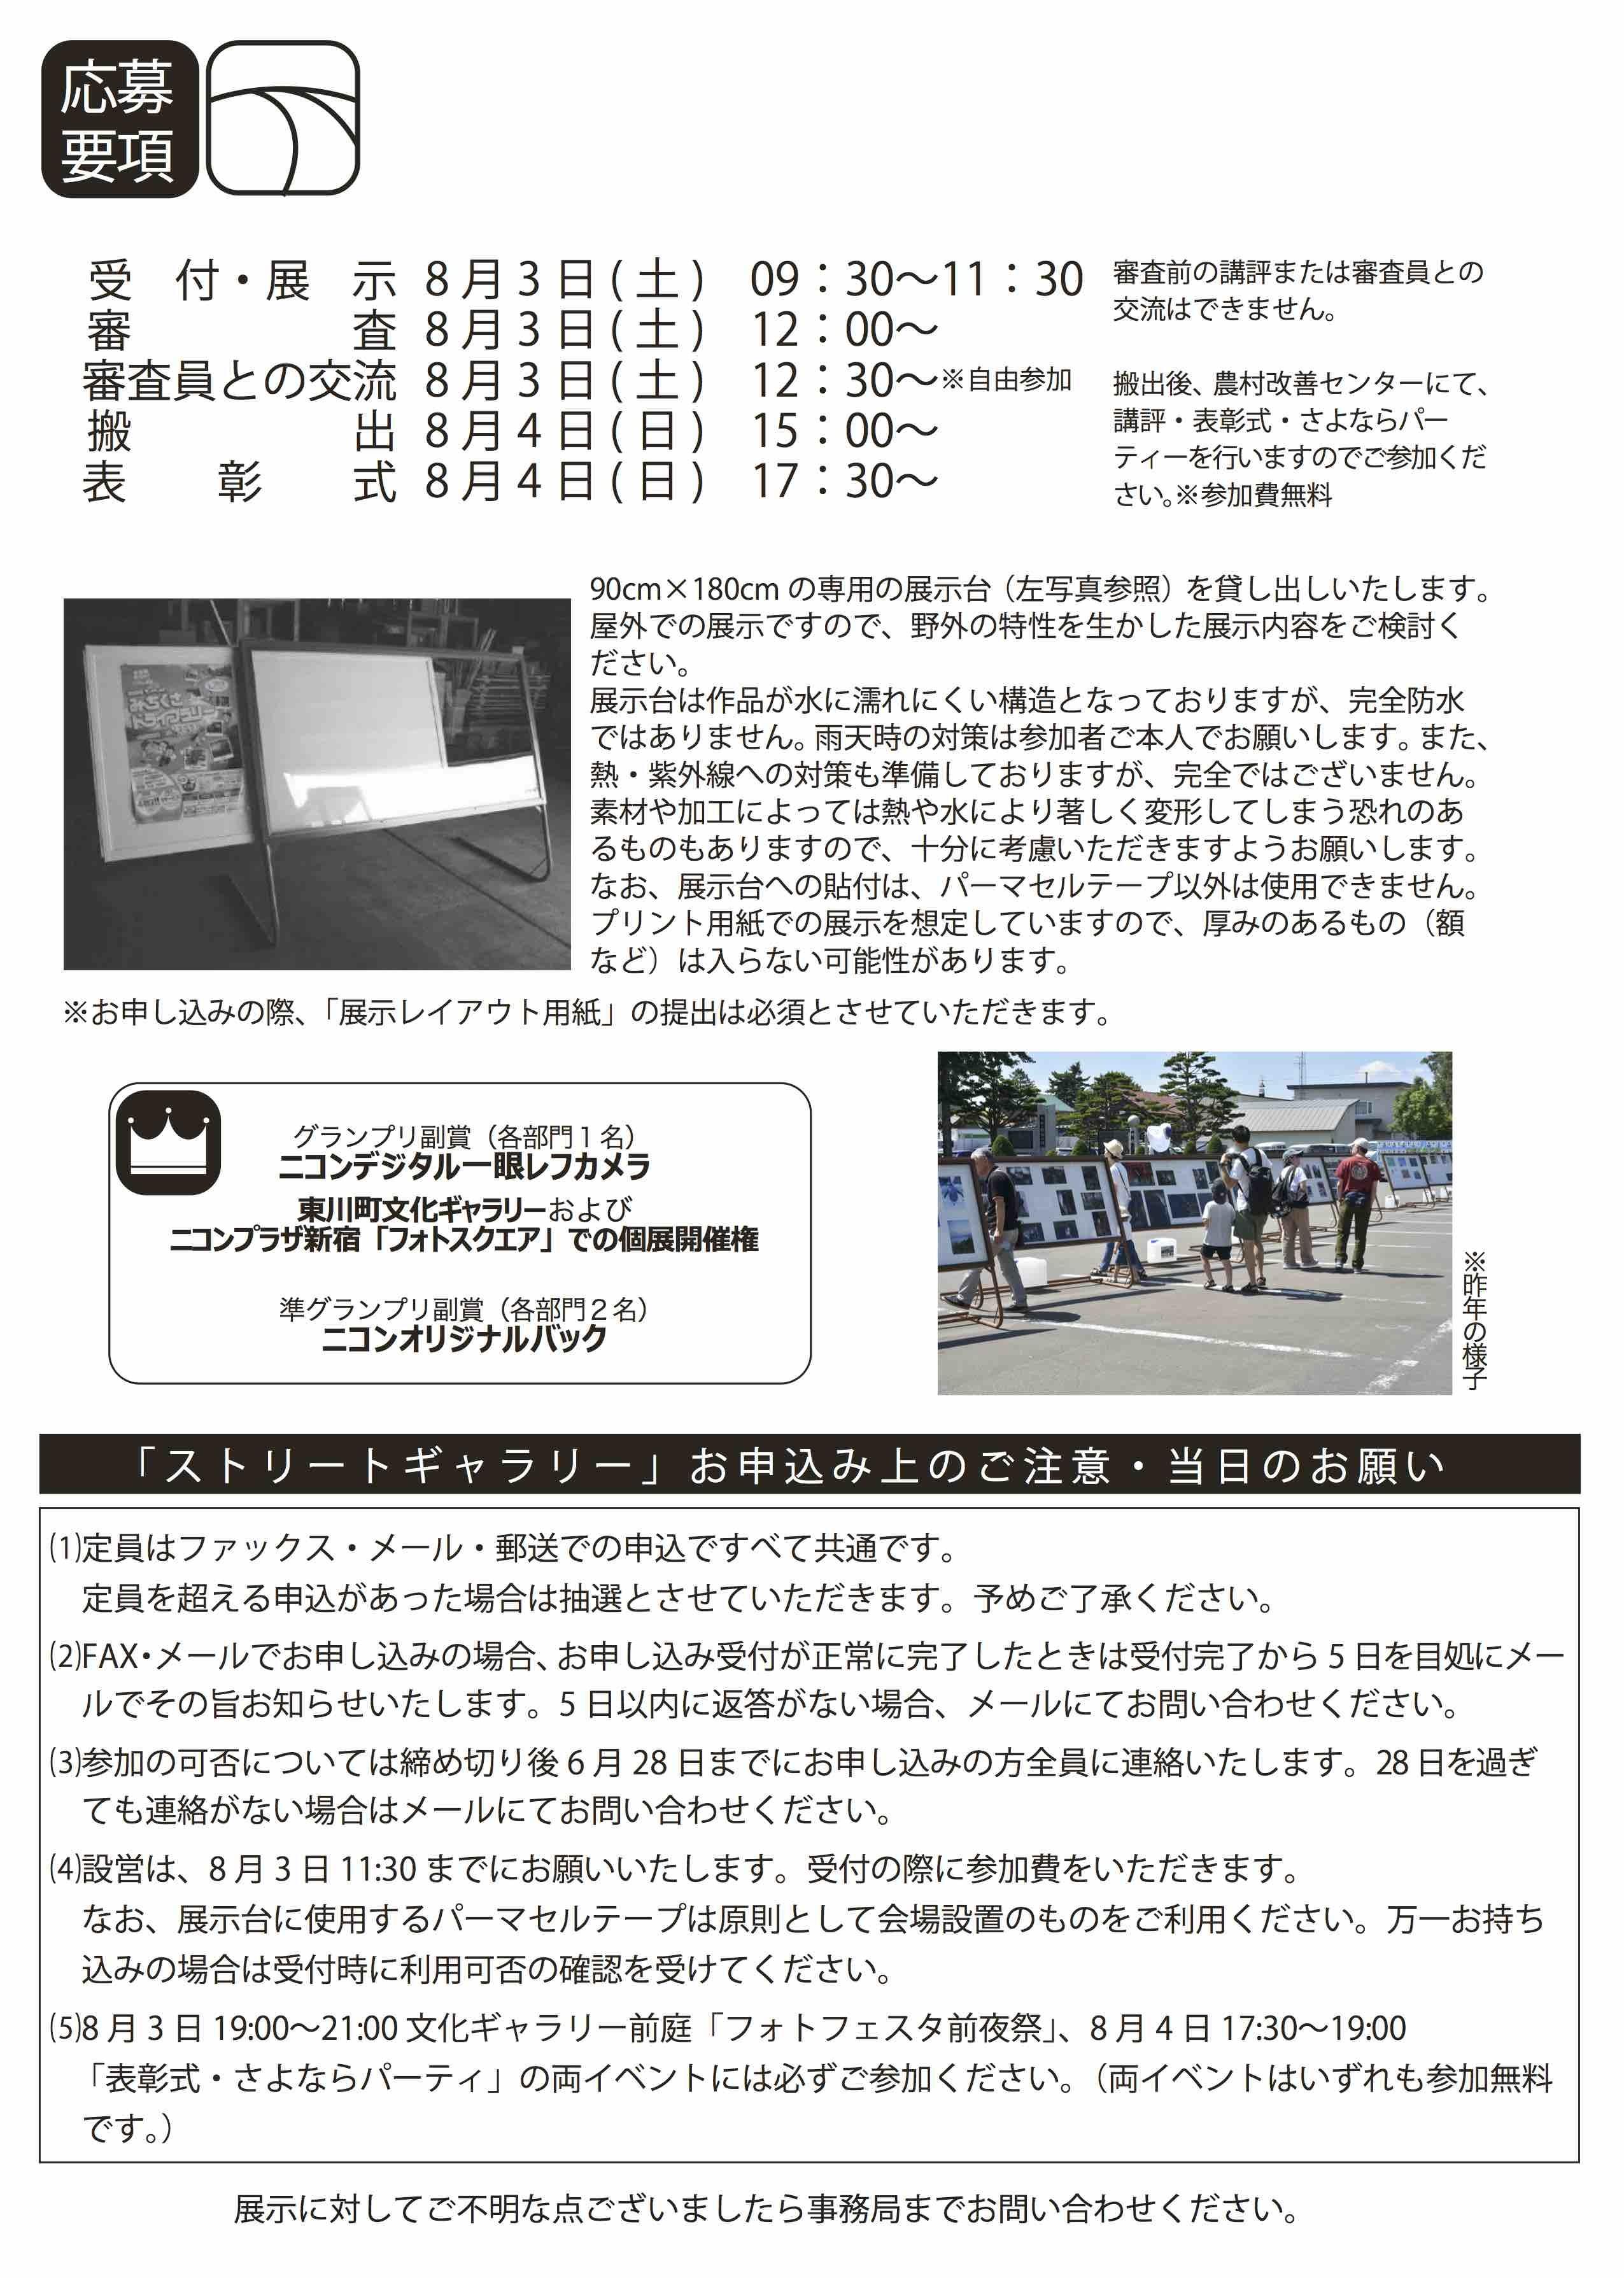 【お知らせ】ストリートギャラリー2019 出展者募集_b0187229_09404962.jpg